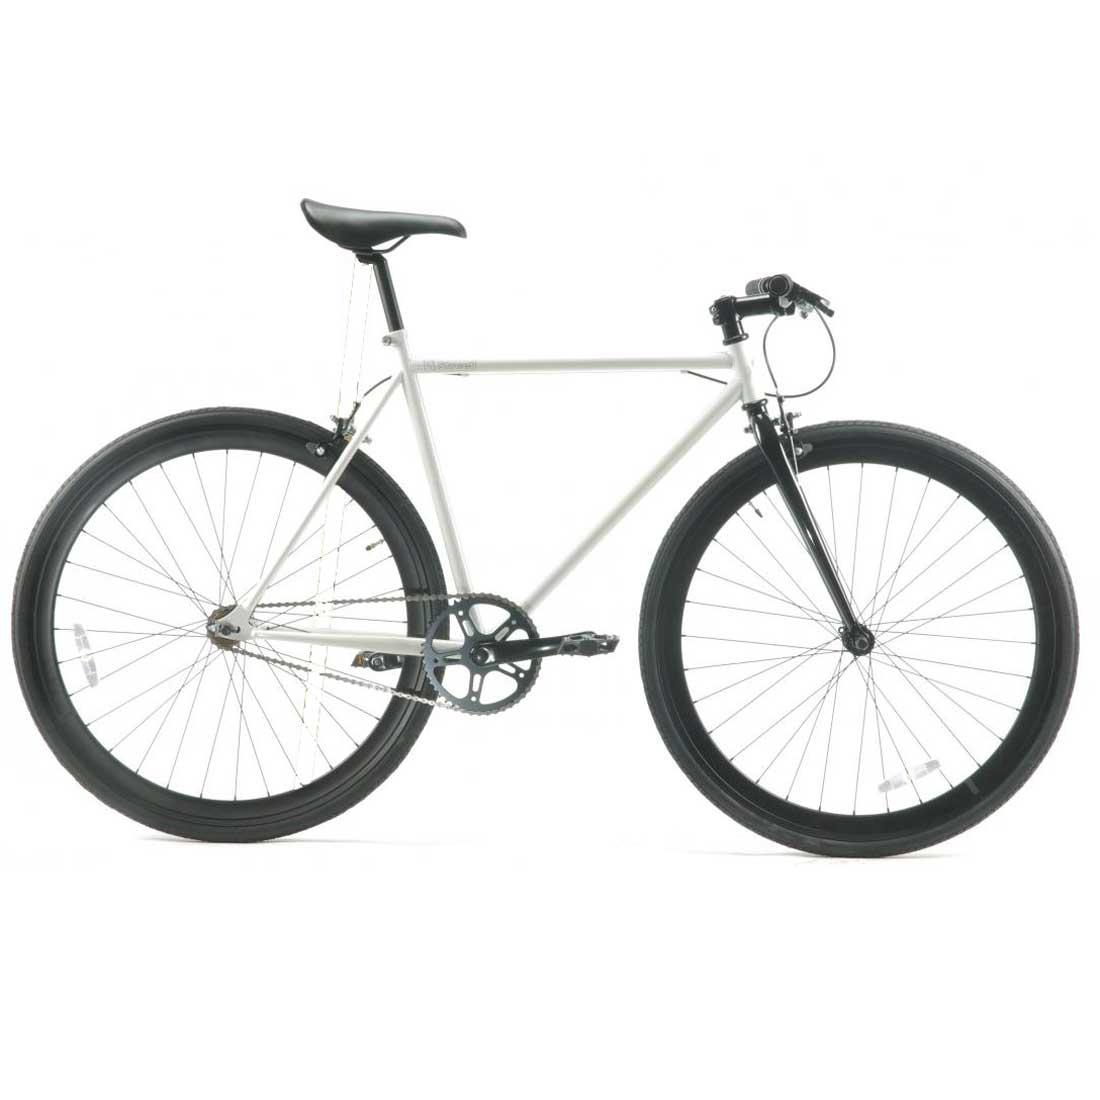 ピストバイク 700C ロードバイク シングルスピード おしゃれ 自転車 通勤 通学 レインボー T-STREET グロスホワイト メンズ レディース